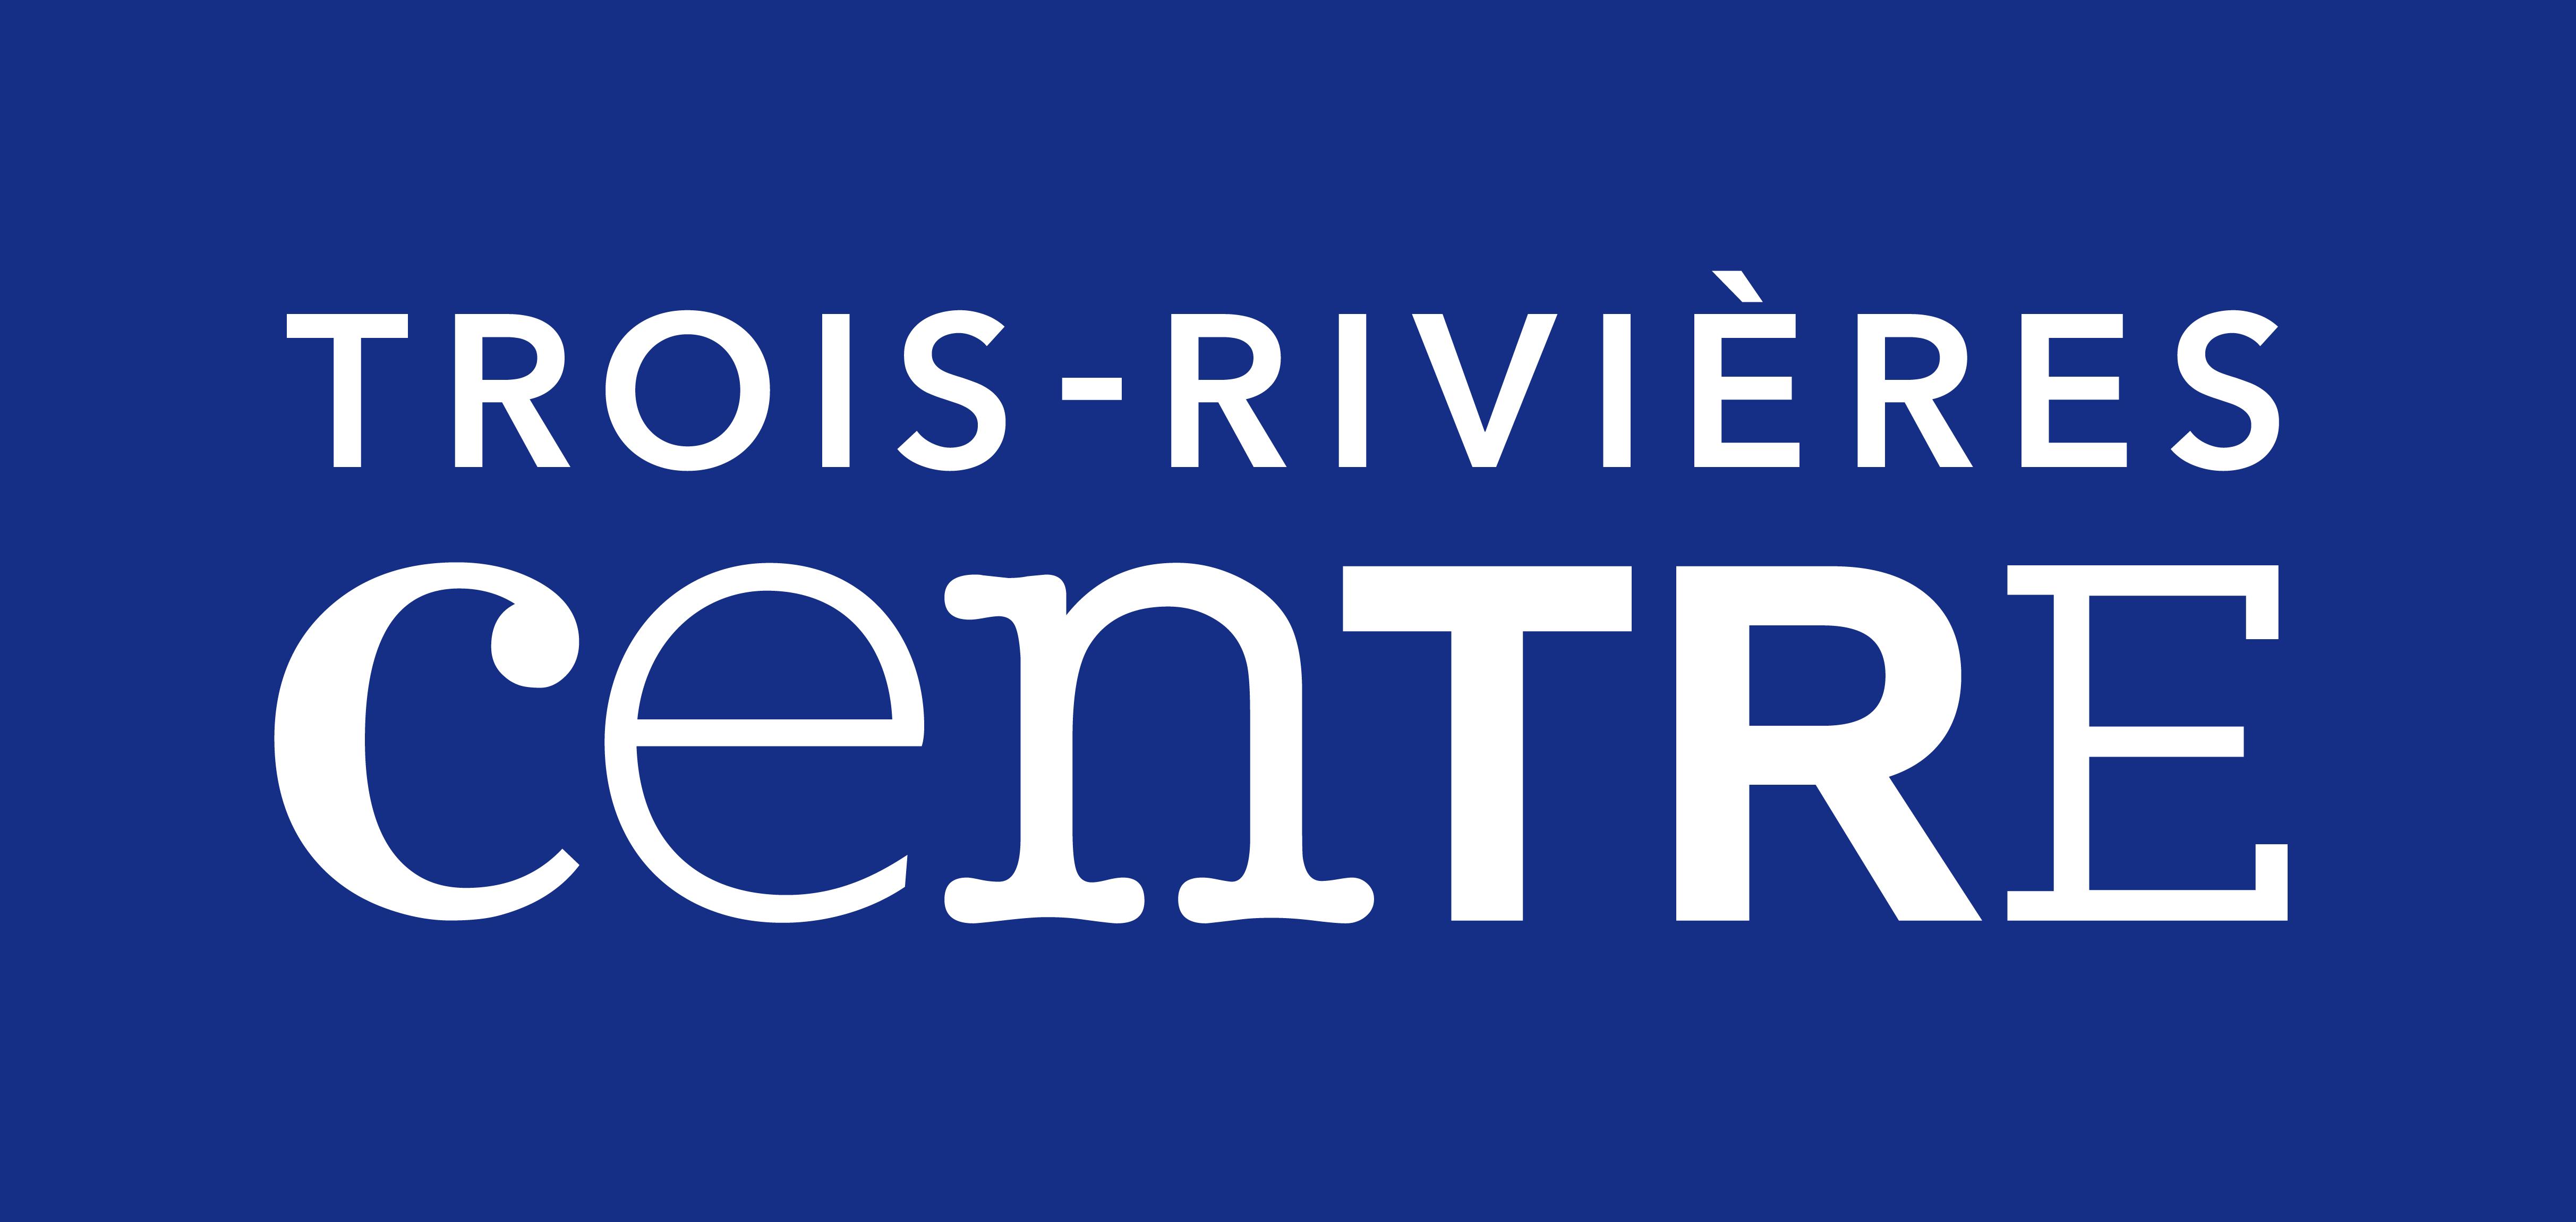 Trois-Rivières Centre